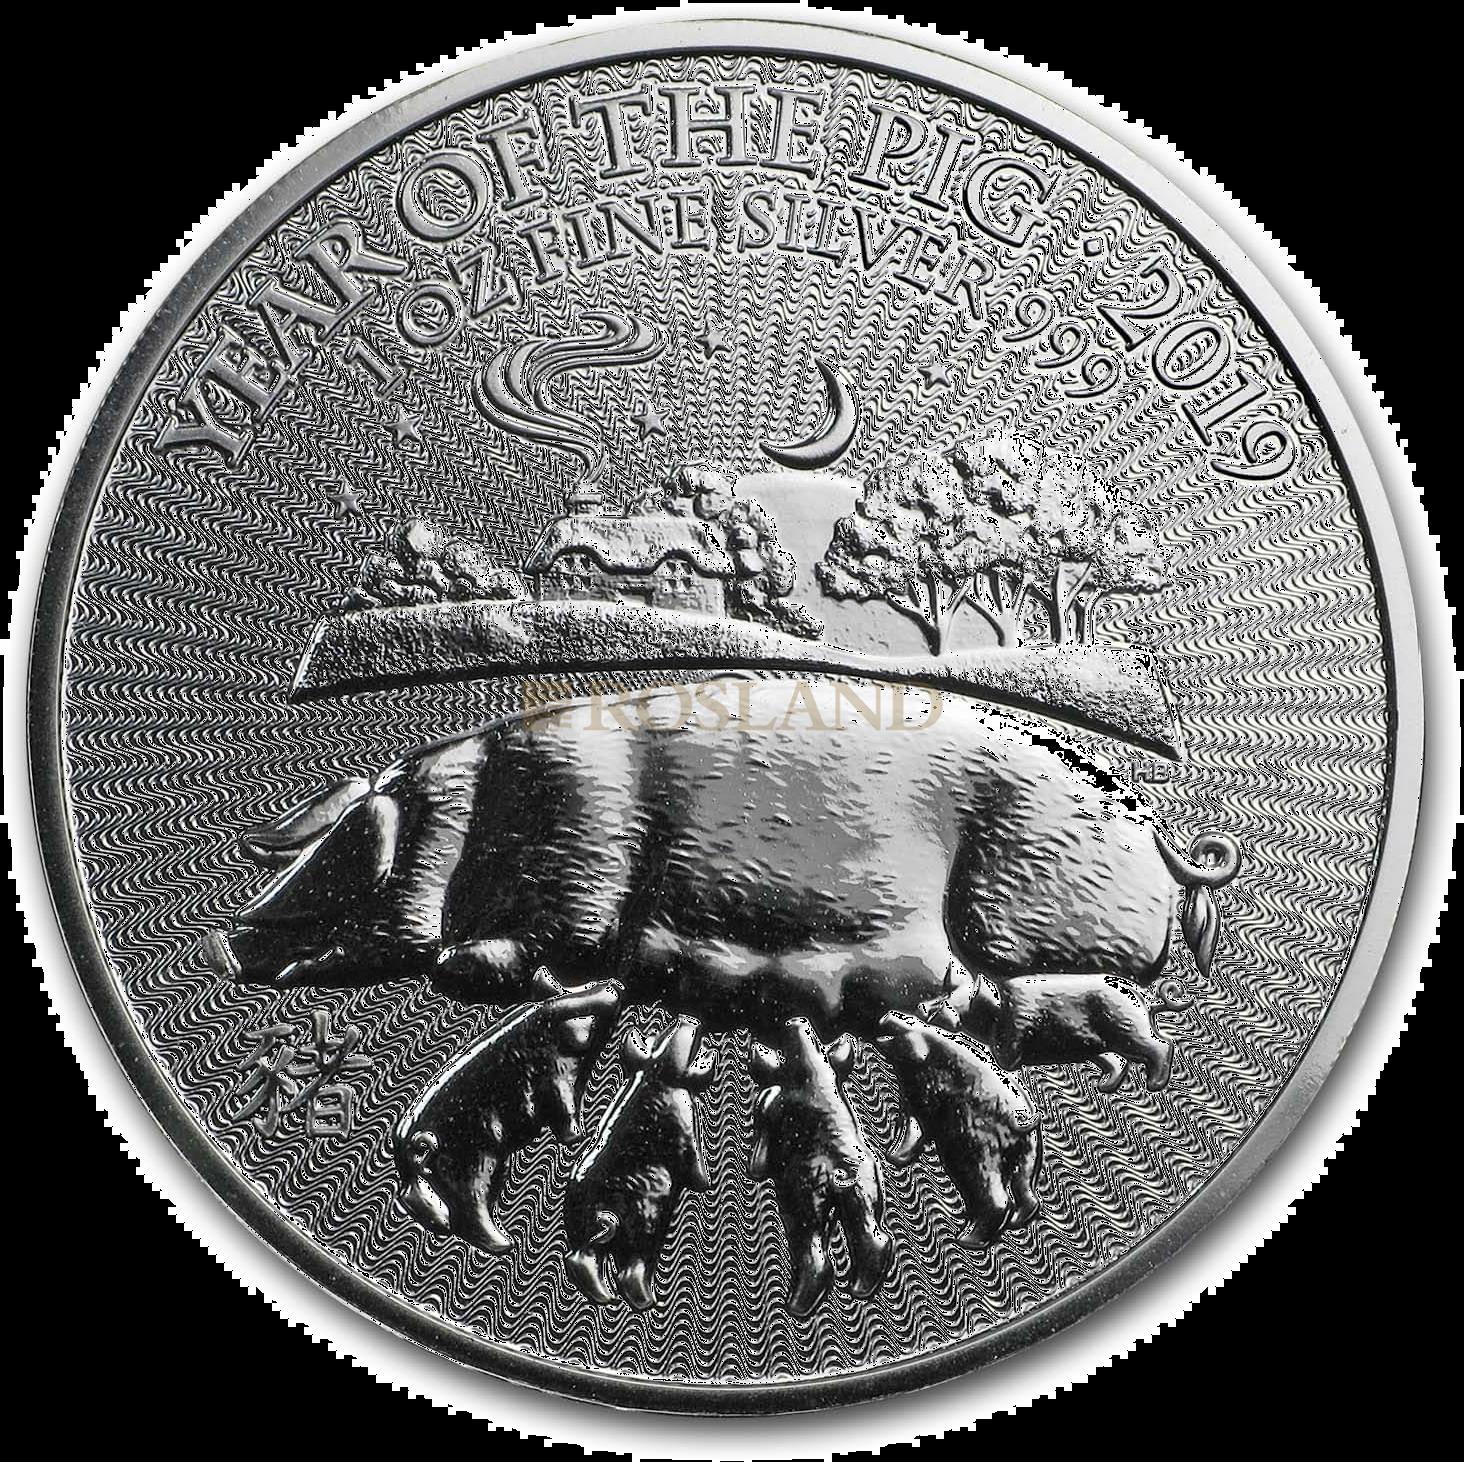 1 Unze Silbermünze Great Britain Jahr des Schweines 2019